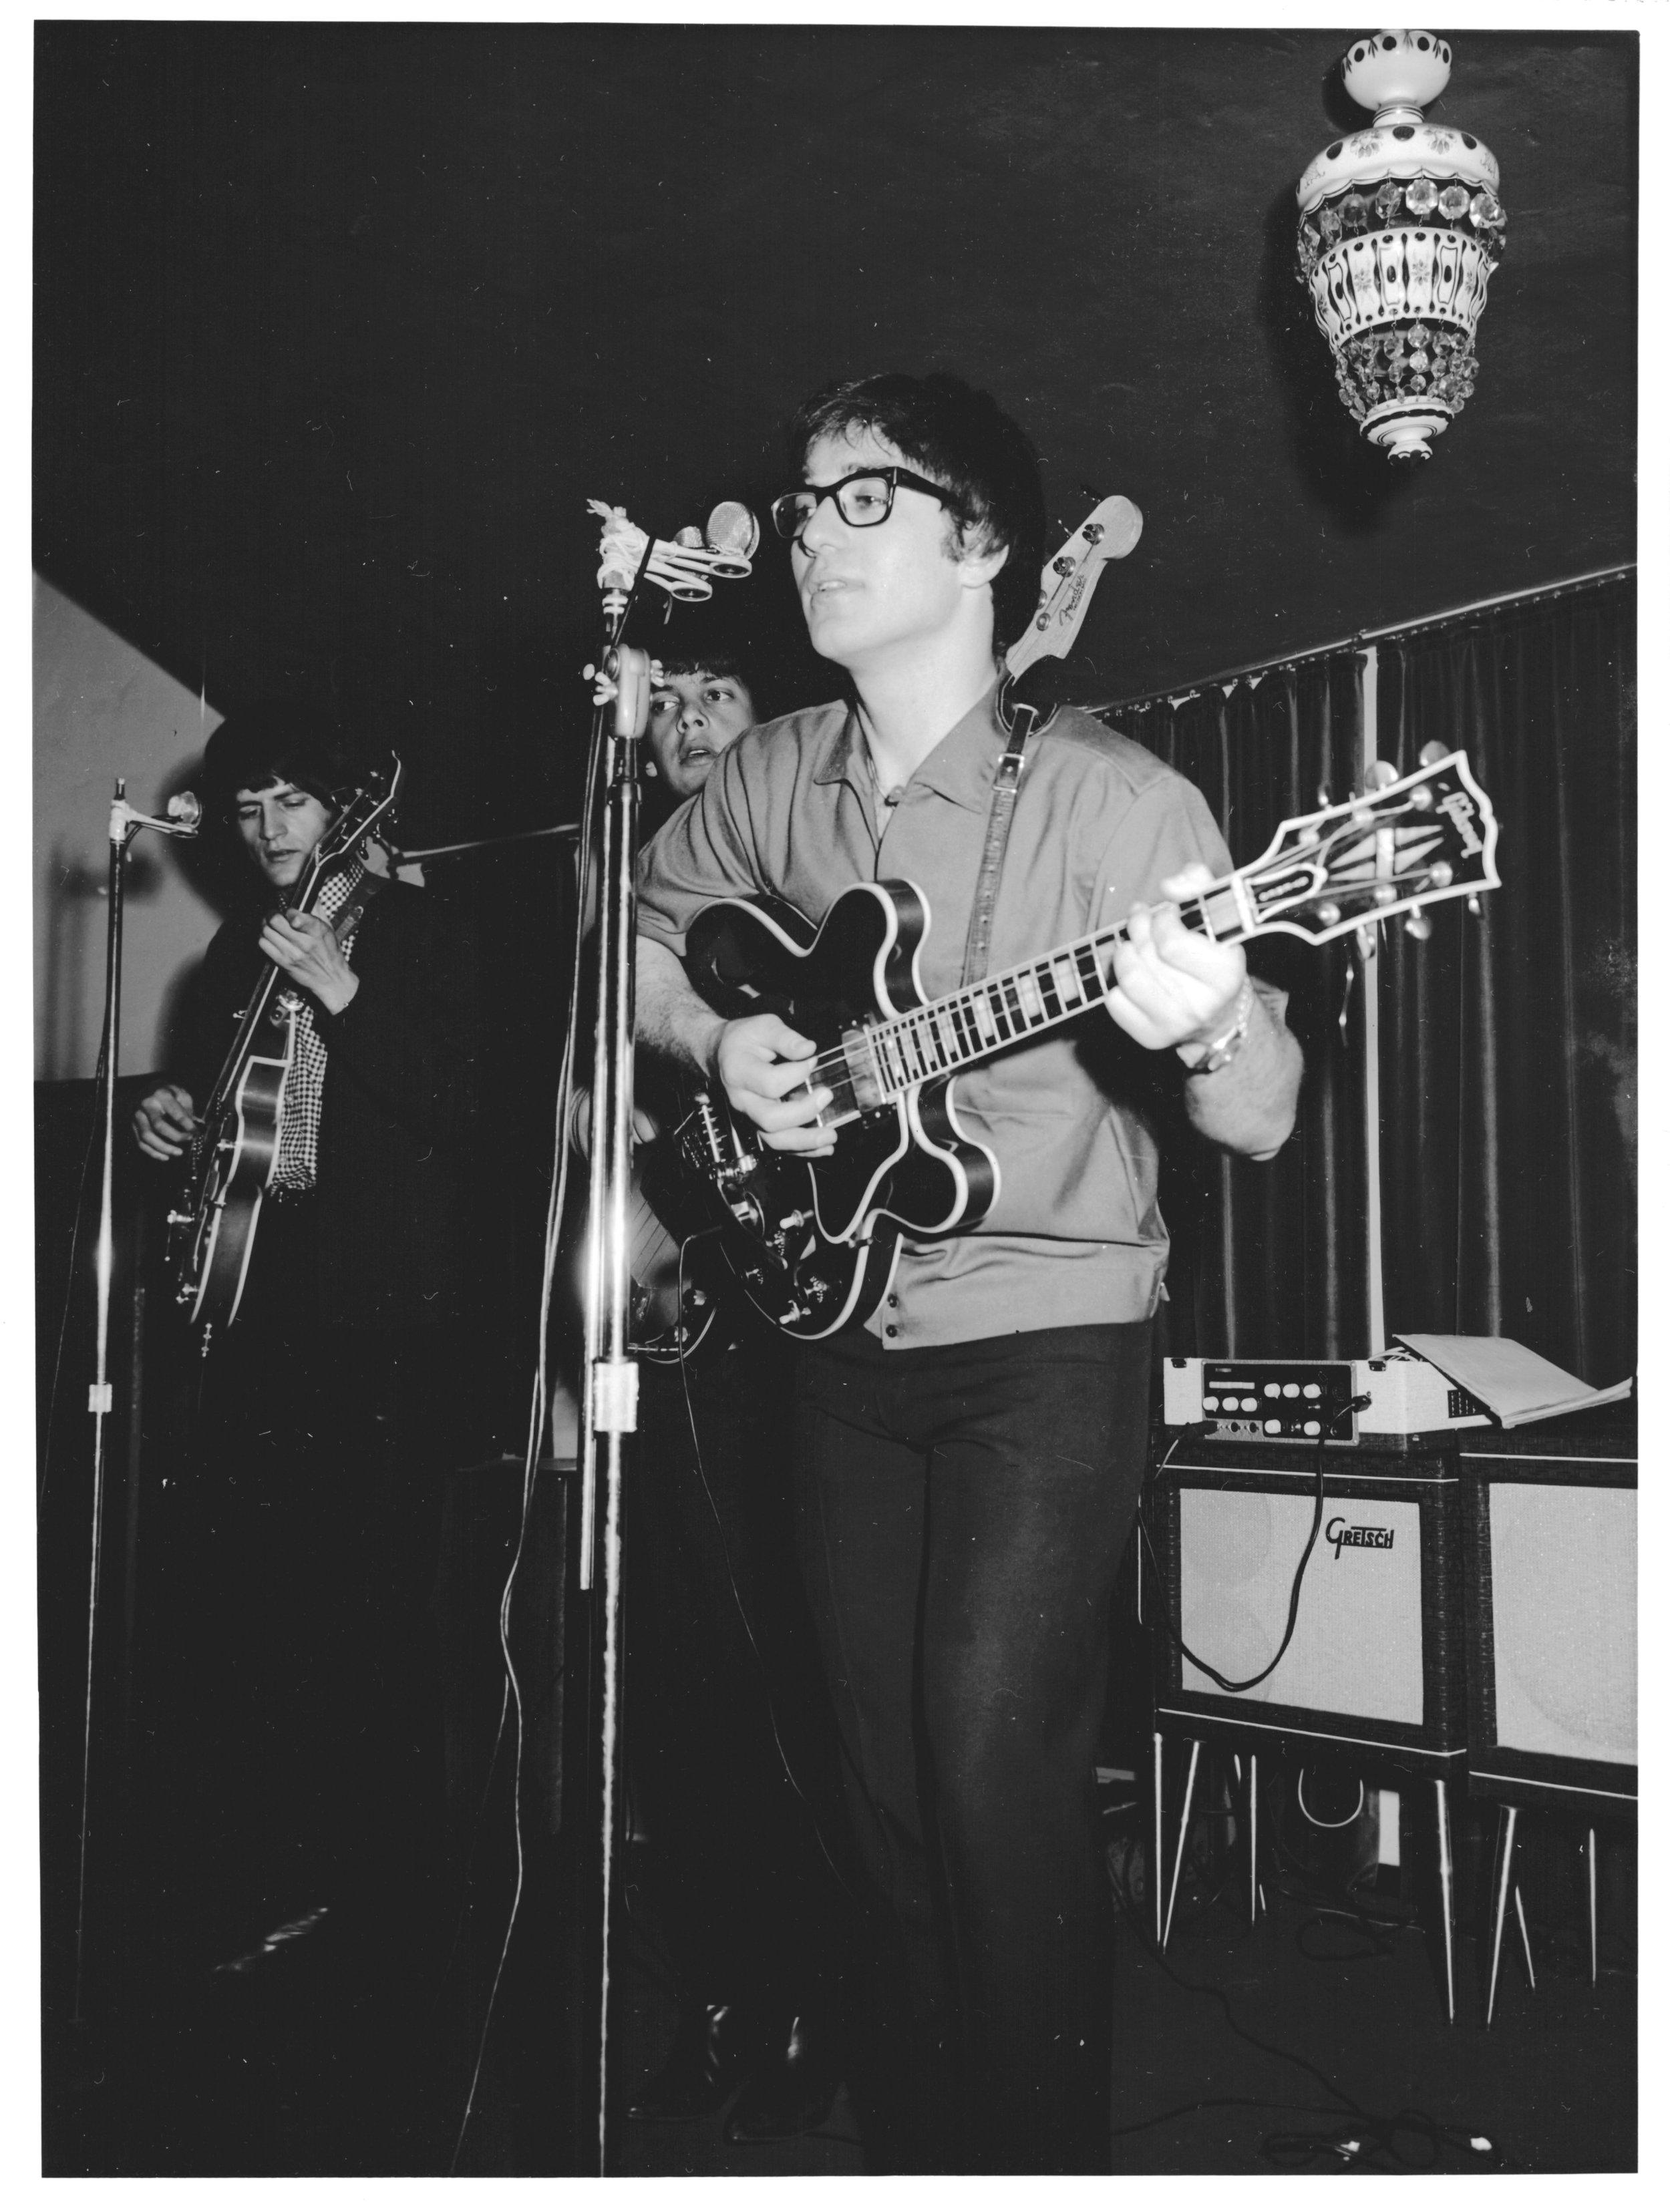 JK FIREPLACE 1963 - 001.jpg